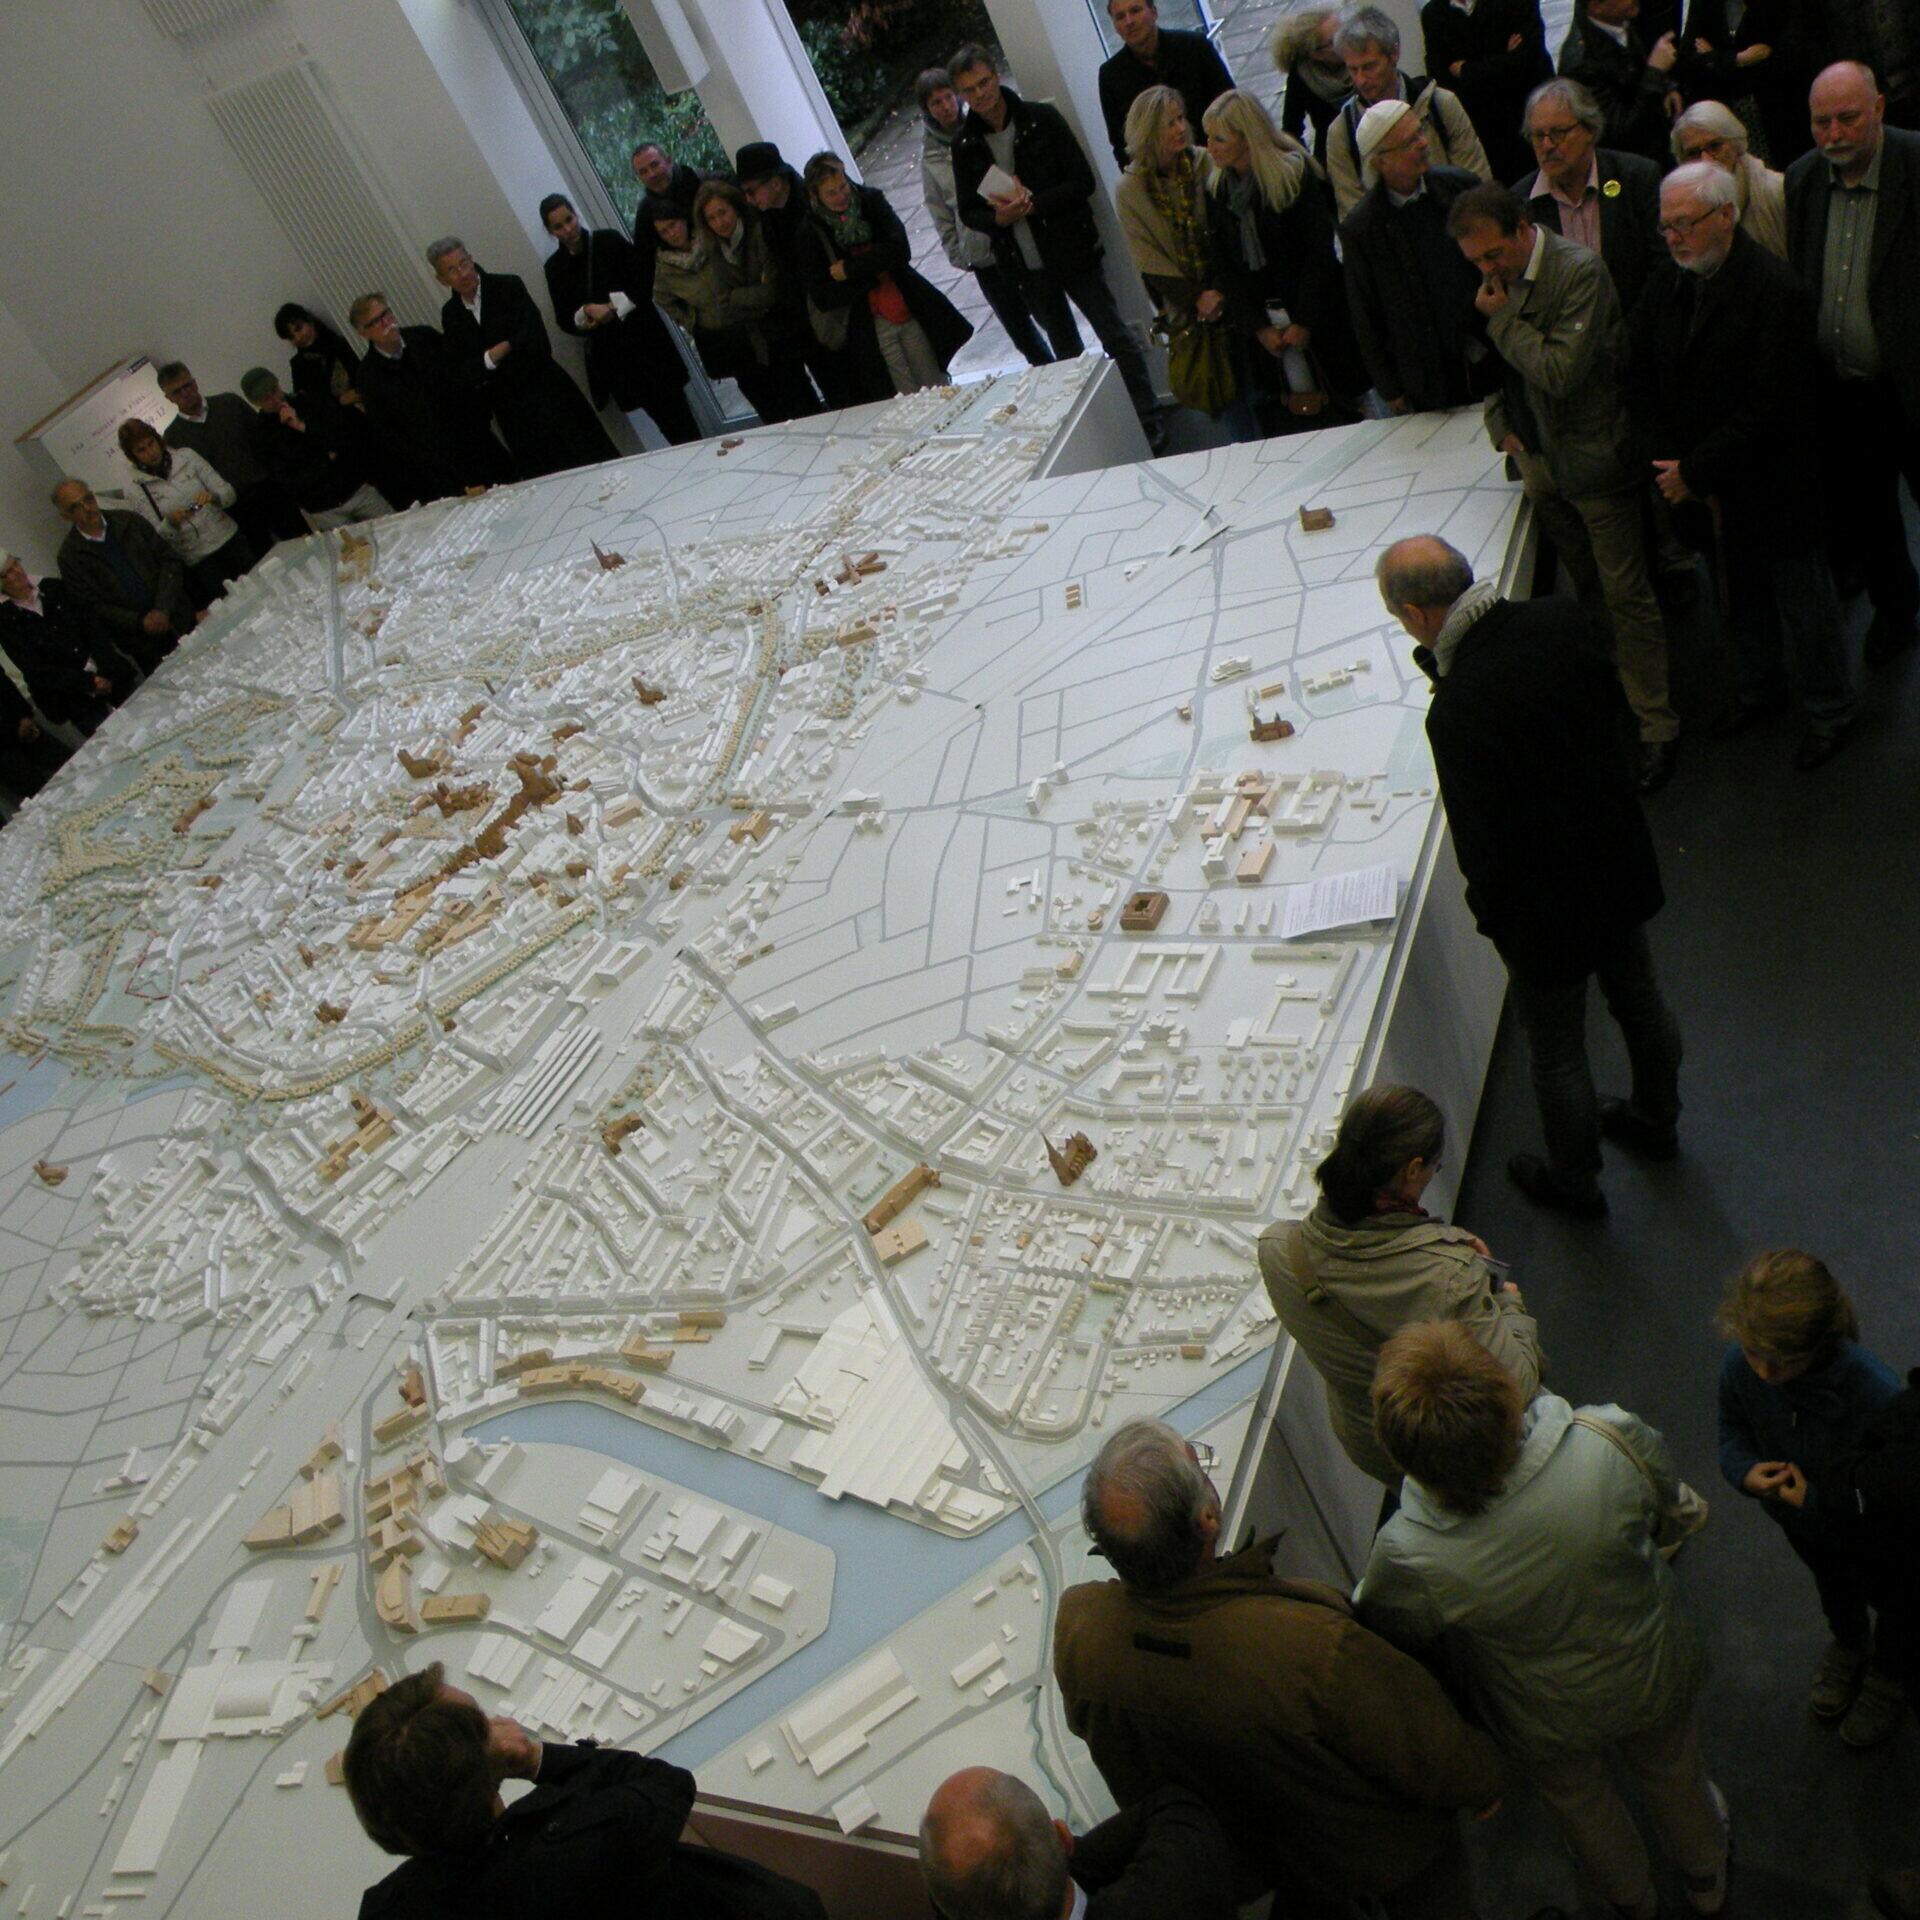 Münster Modell: Ausstellung Nr. 14 - Collegium Marianum, 2012